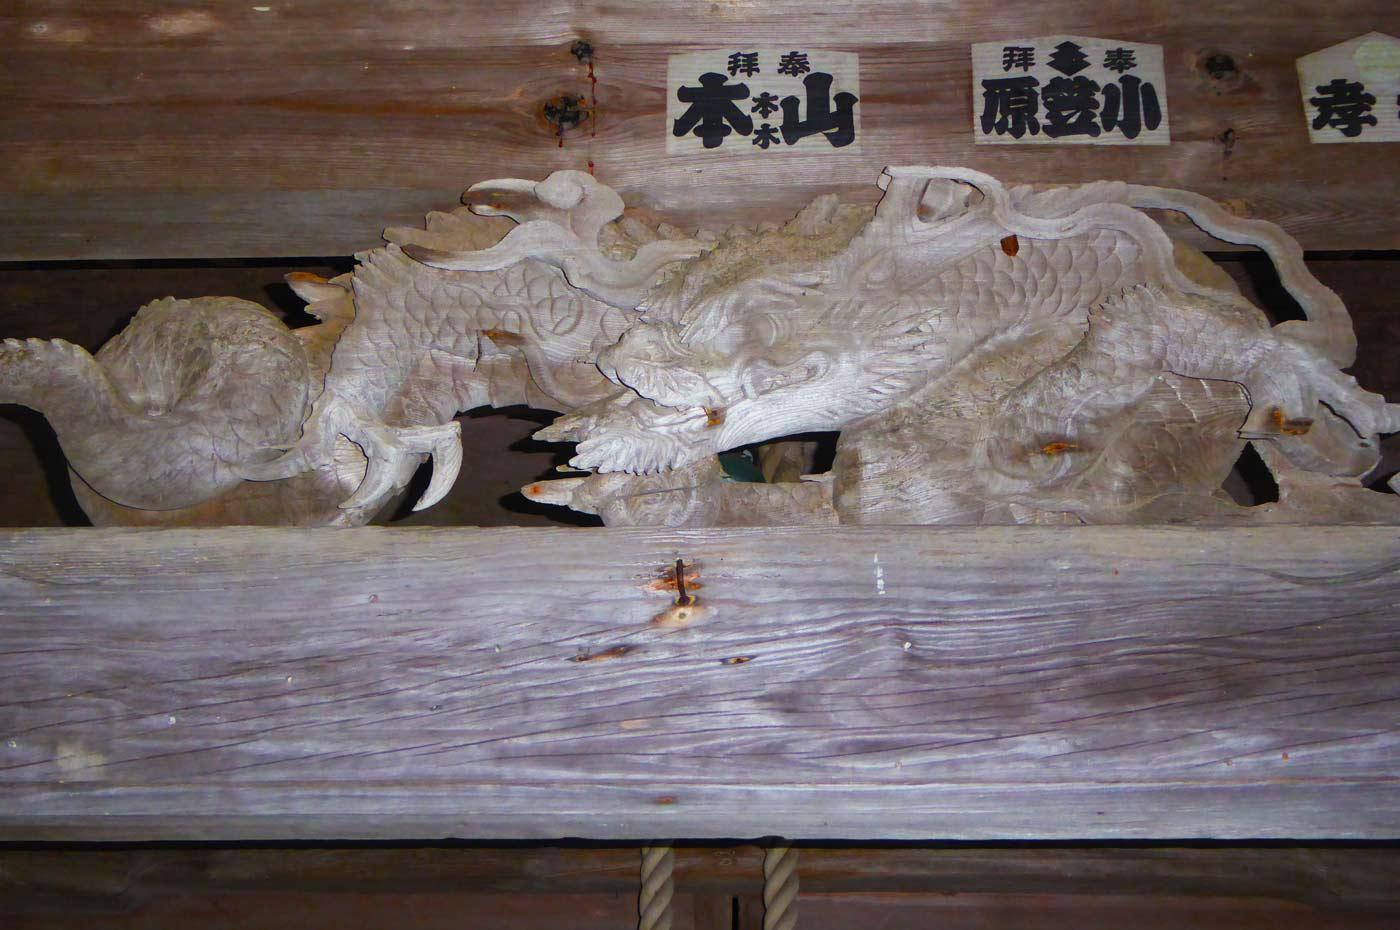 長尾神社の龍の彫り物